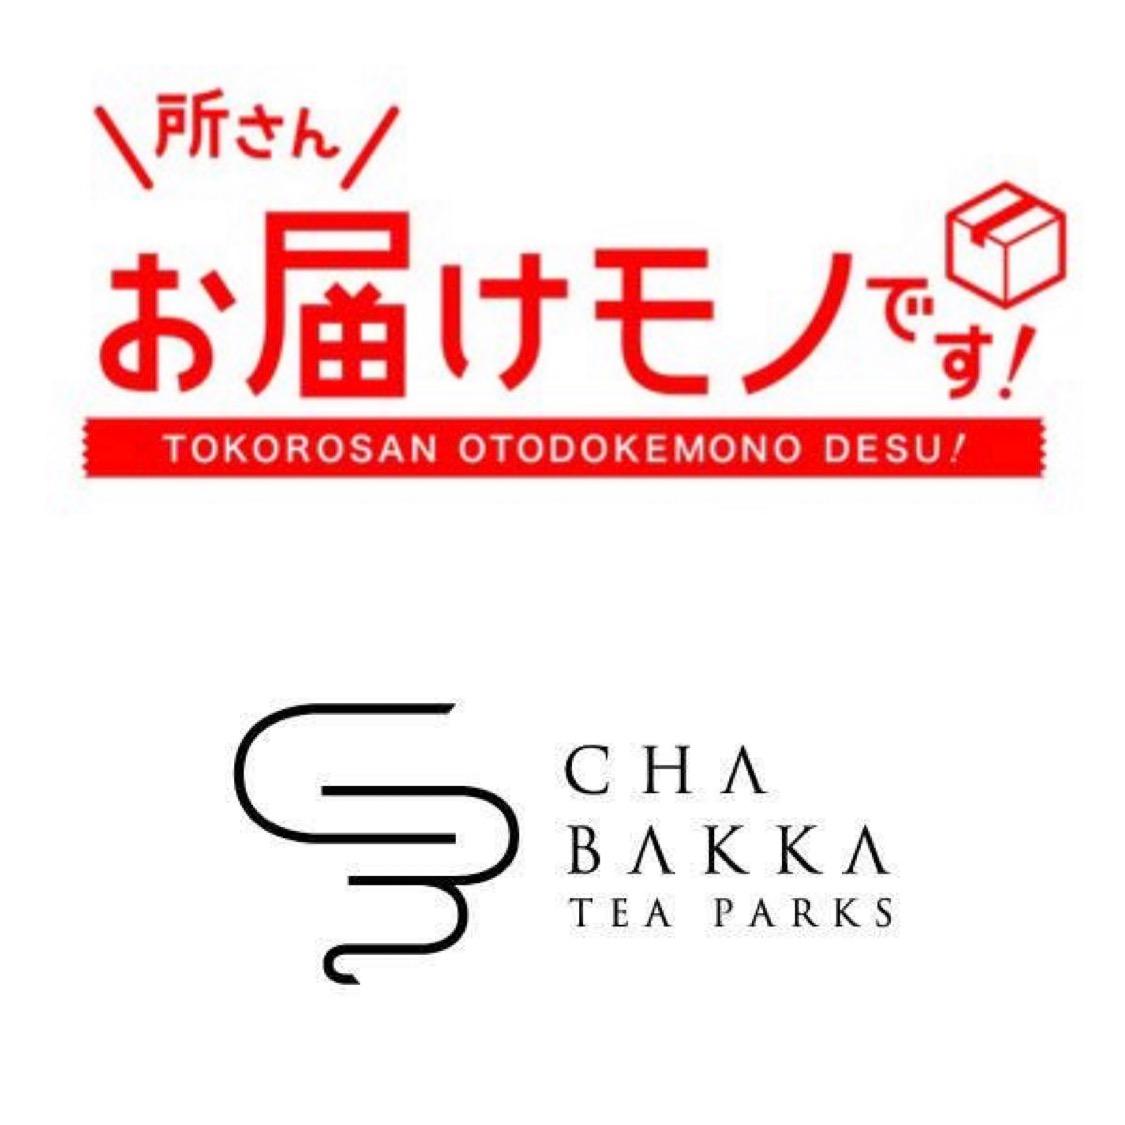 「所さんお届けものです!」×「CHABAKKA TEA PARKS」